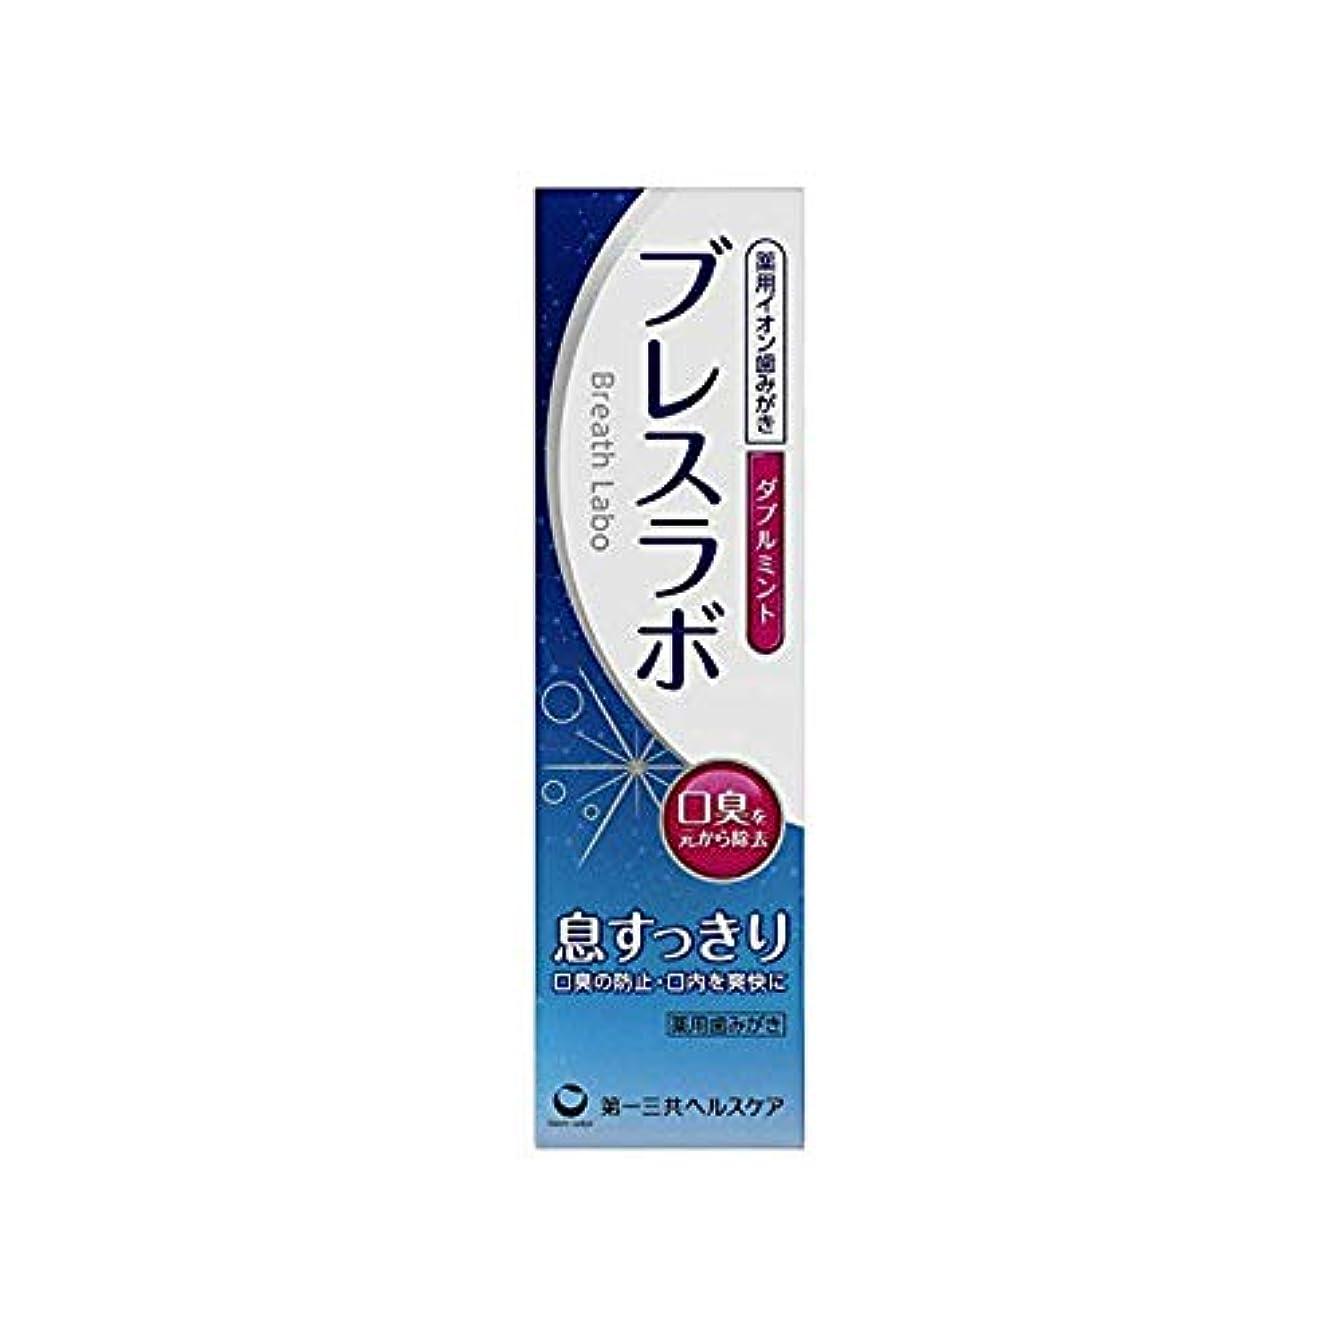 【3個セット】ブレスラボ ダブルミント 90g